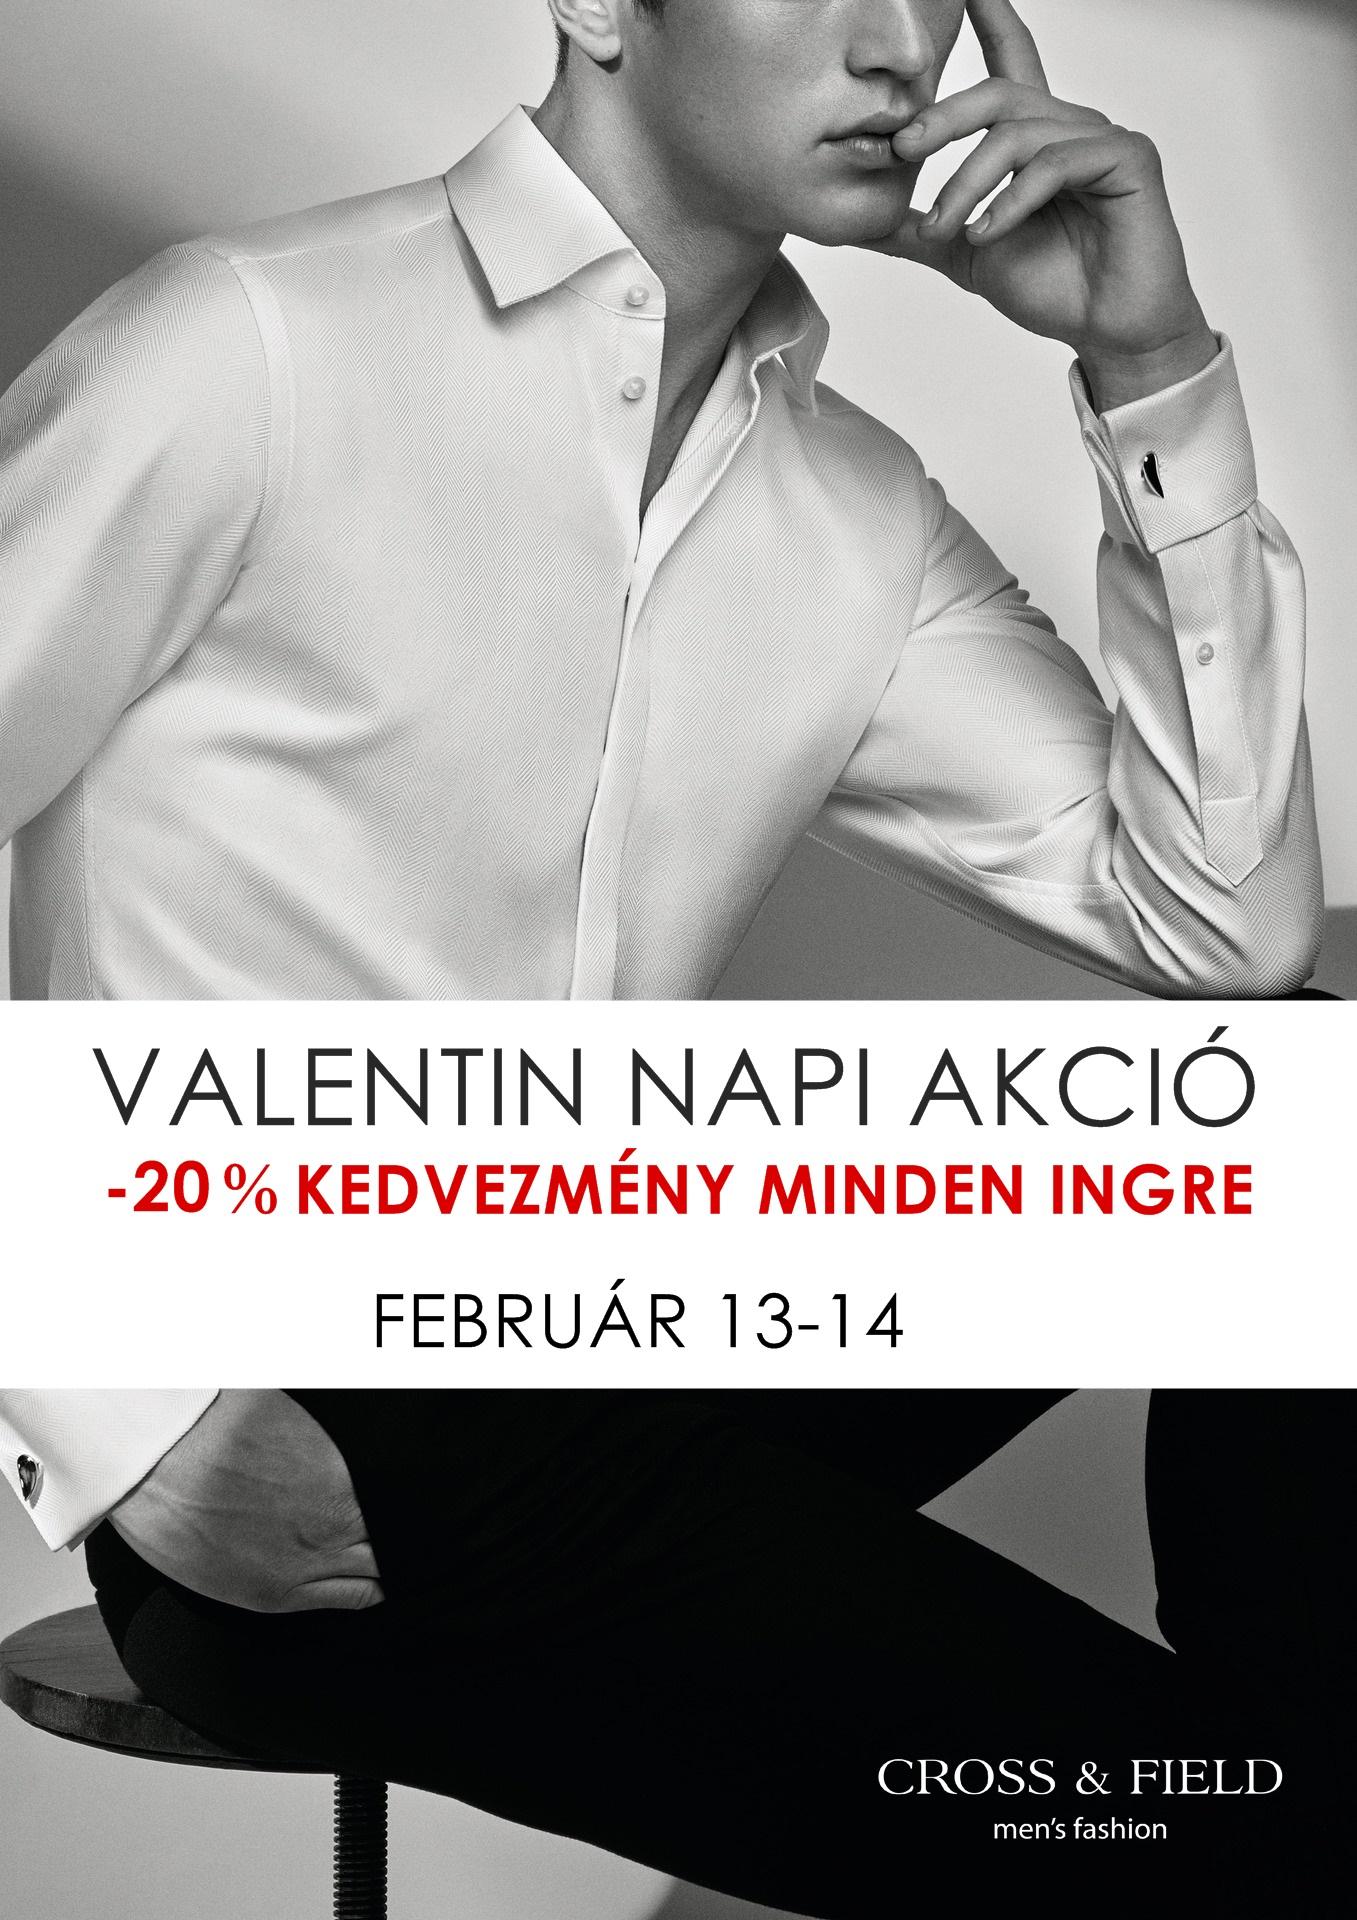 87525d7f7e Valentin napi akció - CROSS&FIELD MEN'S FASHION